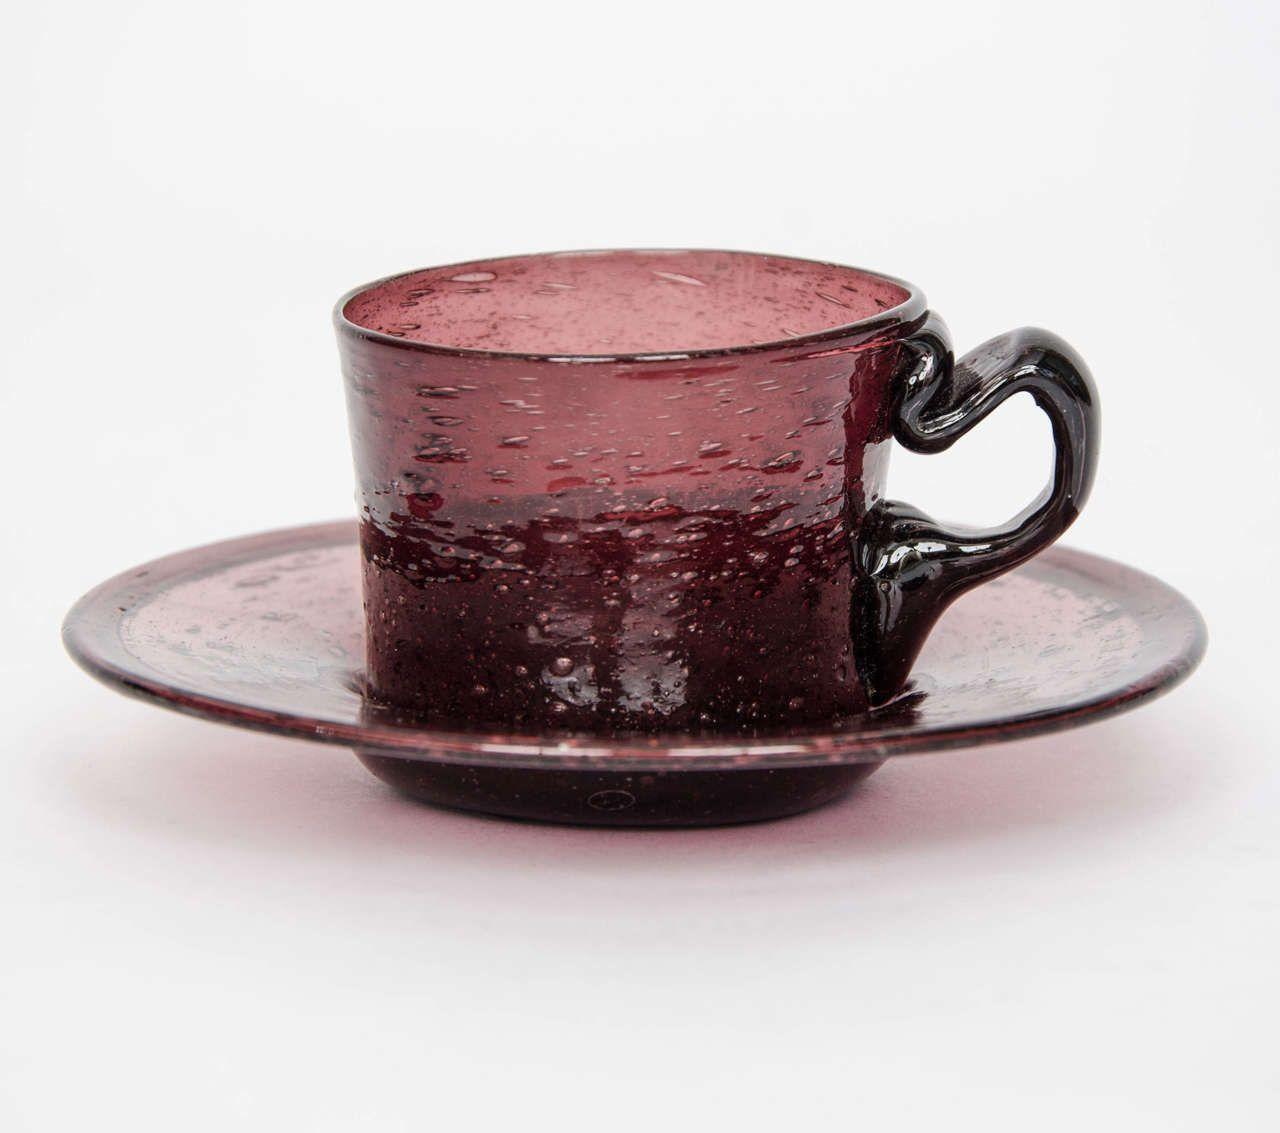 Bildergebnis für Staffordshire porcelain cup and saucer 1stdibs